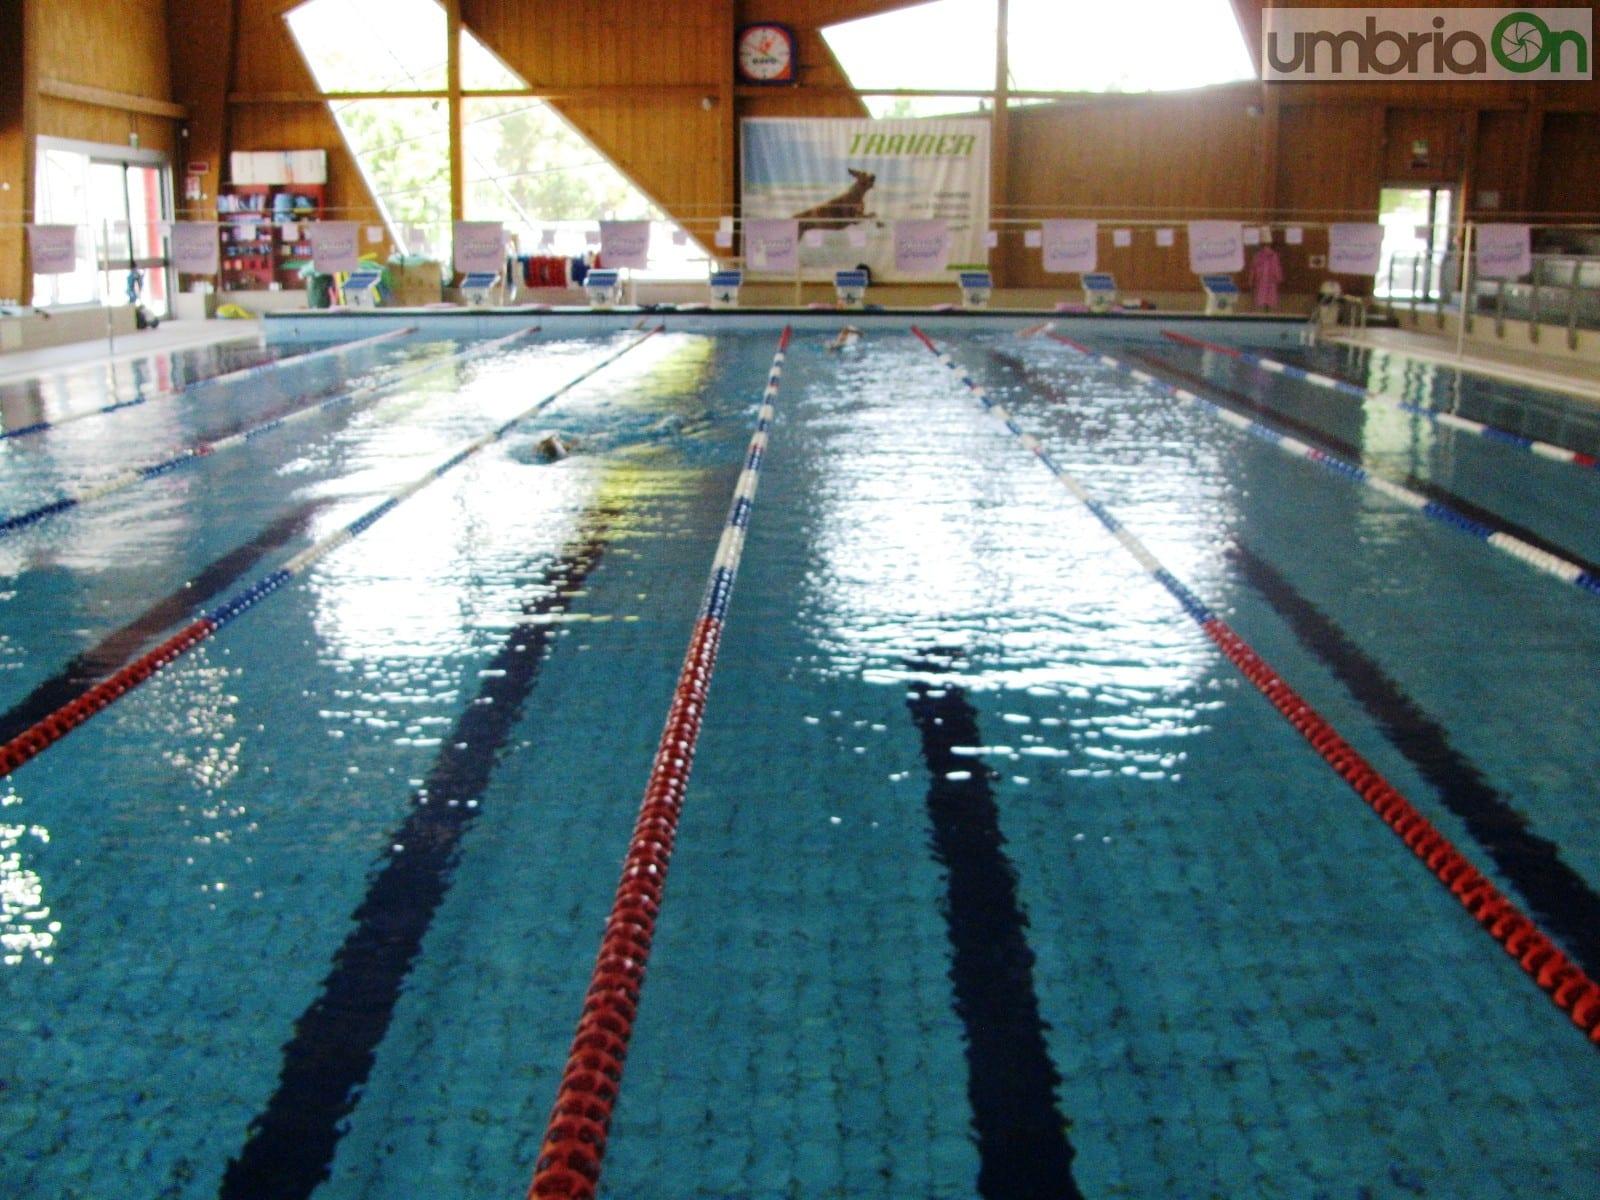 Nuoto sincro a terni ecco i tricolori masters umbriaon - Piscine dello stadio ...